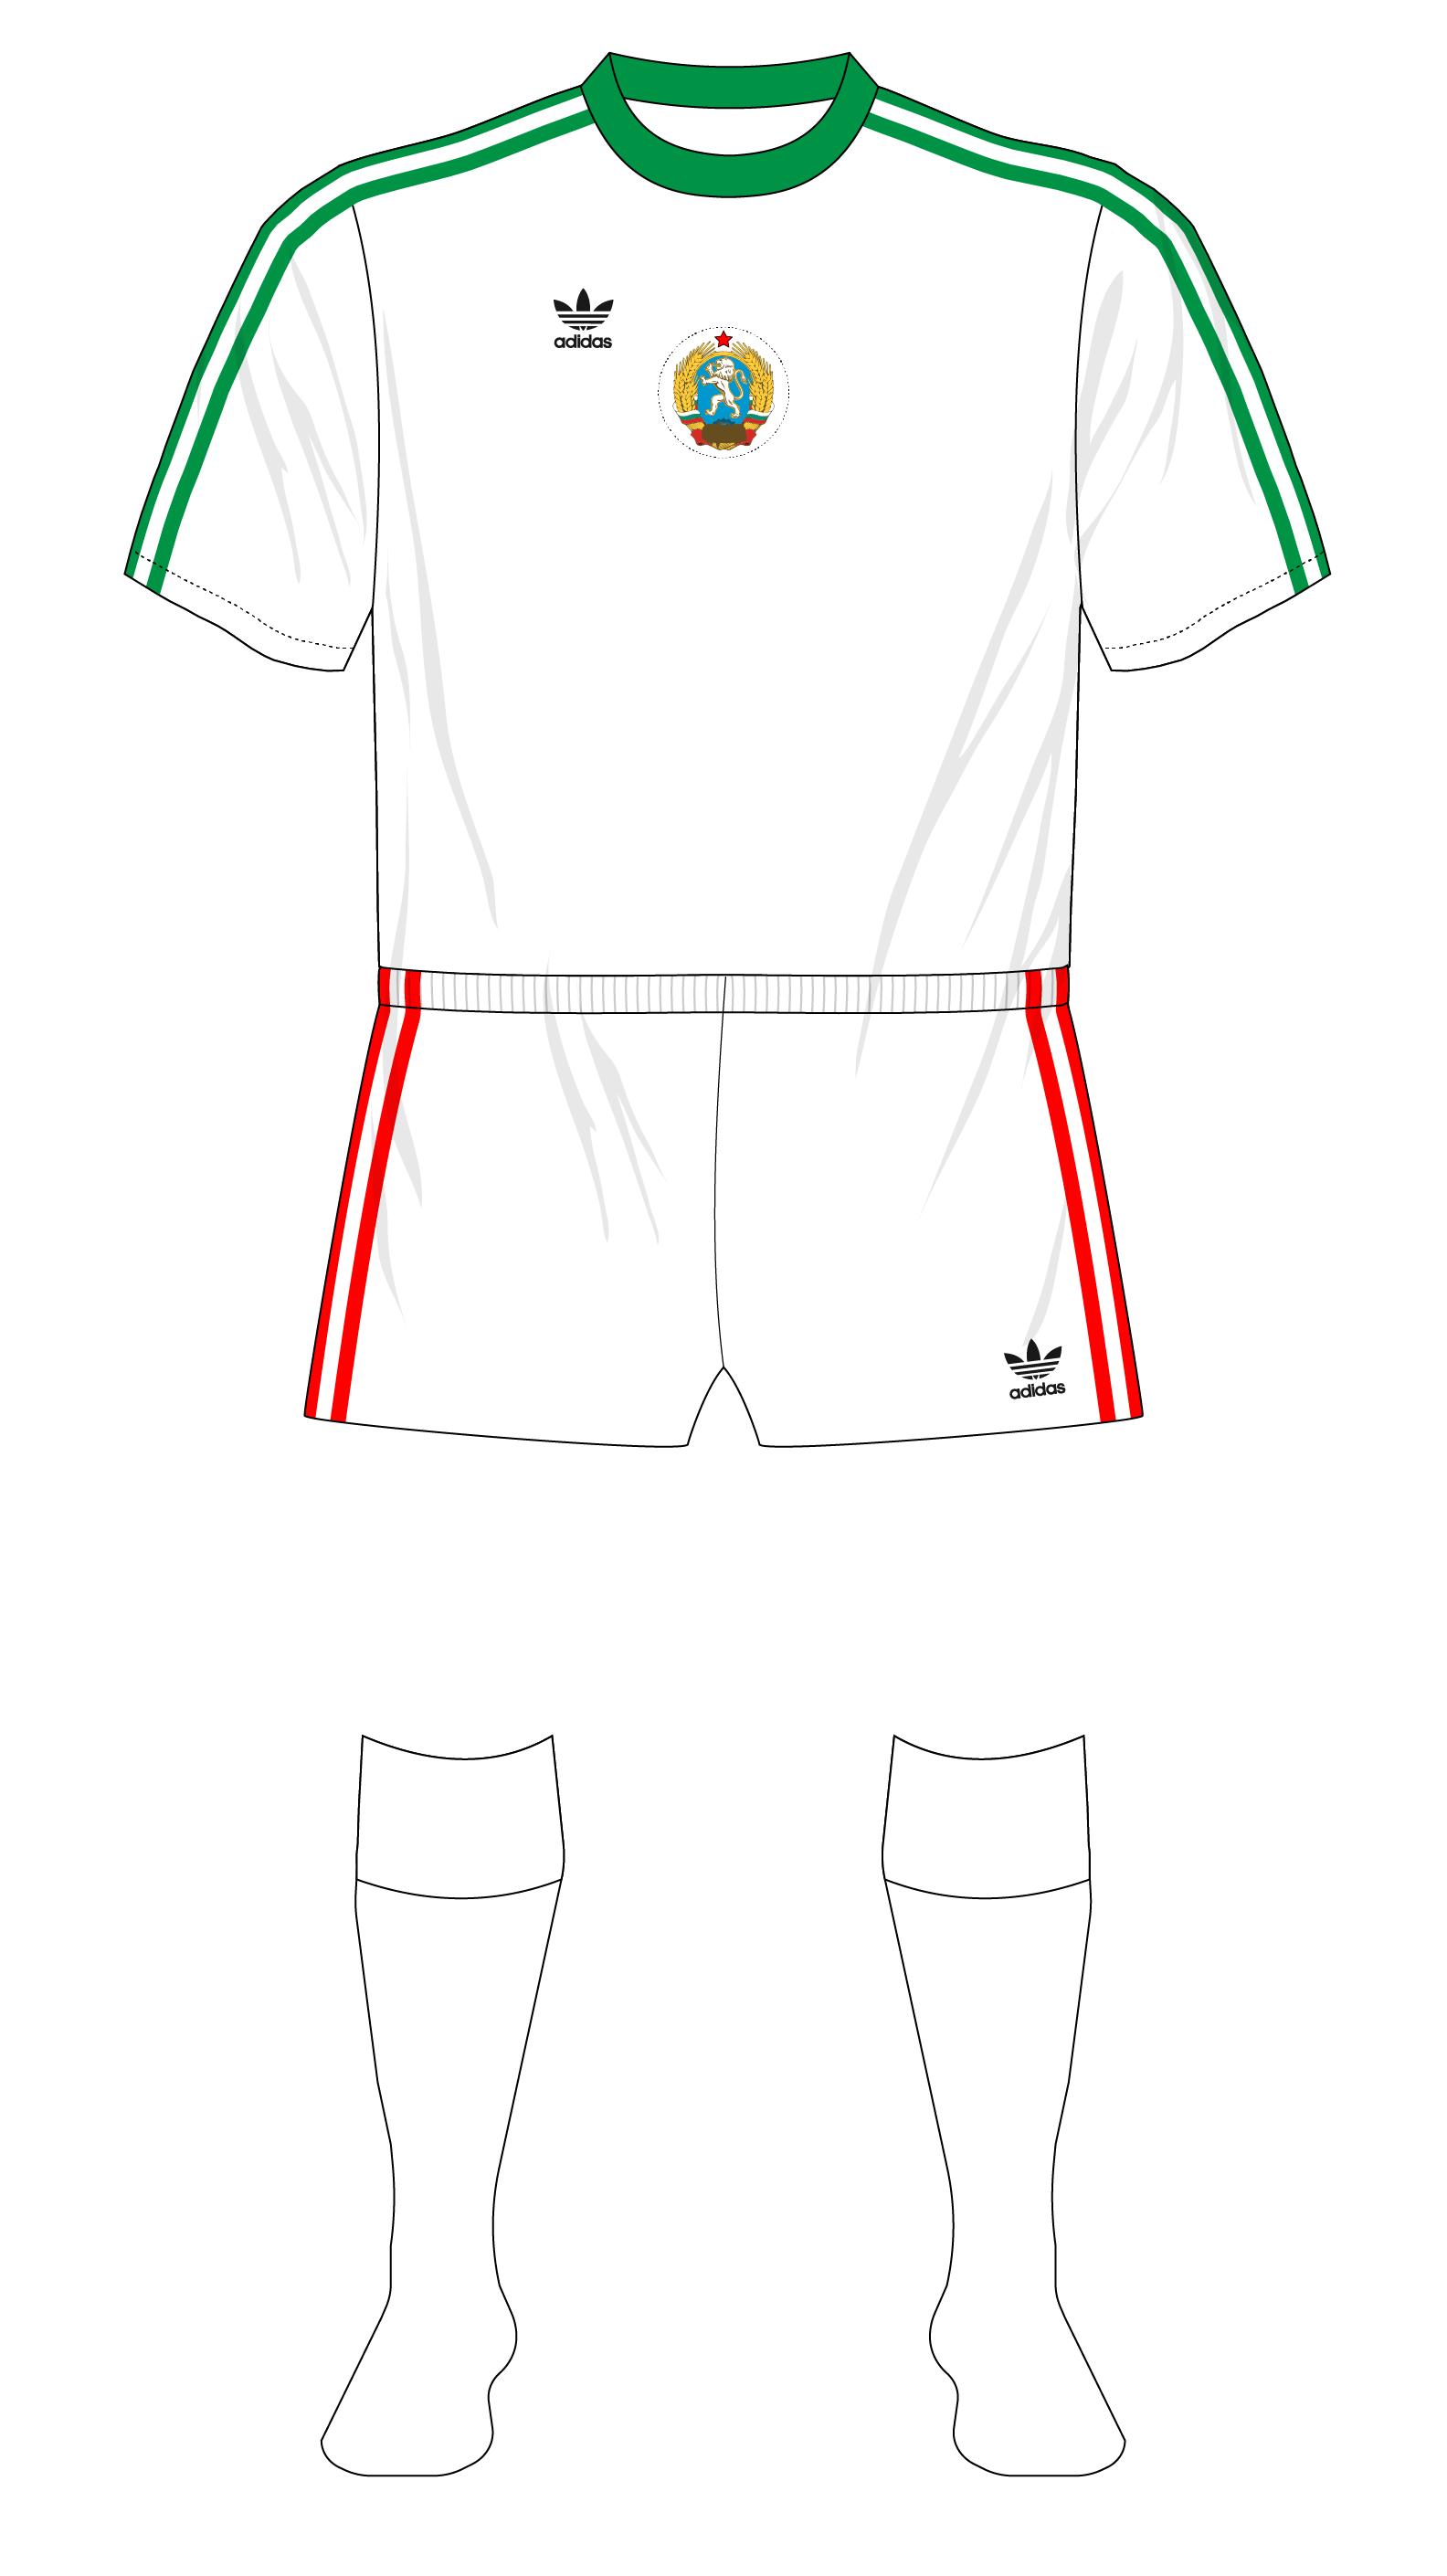 Bulgaria-1977-adidas-kit-all-white-Ireland-01